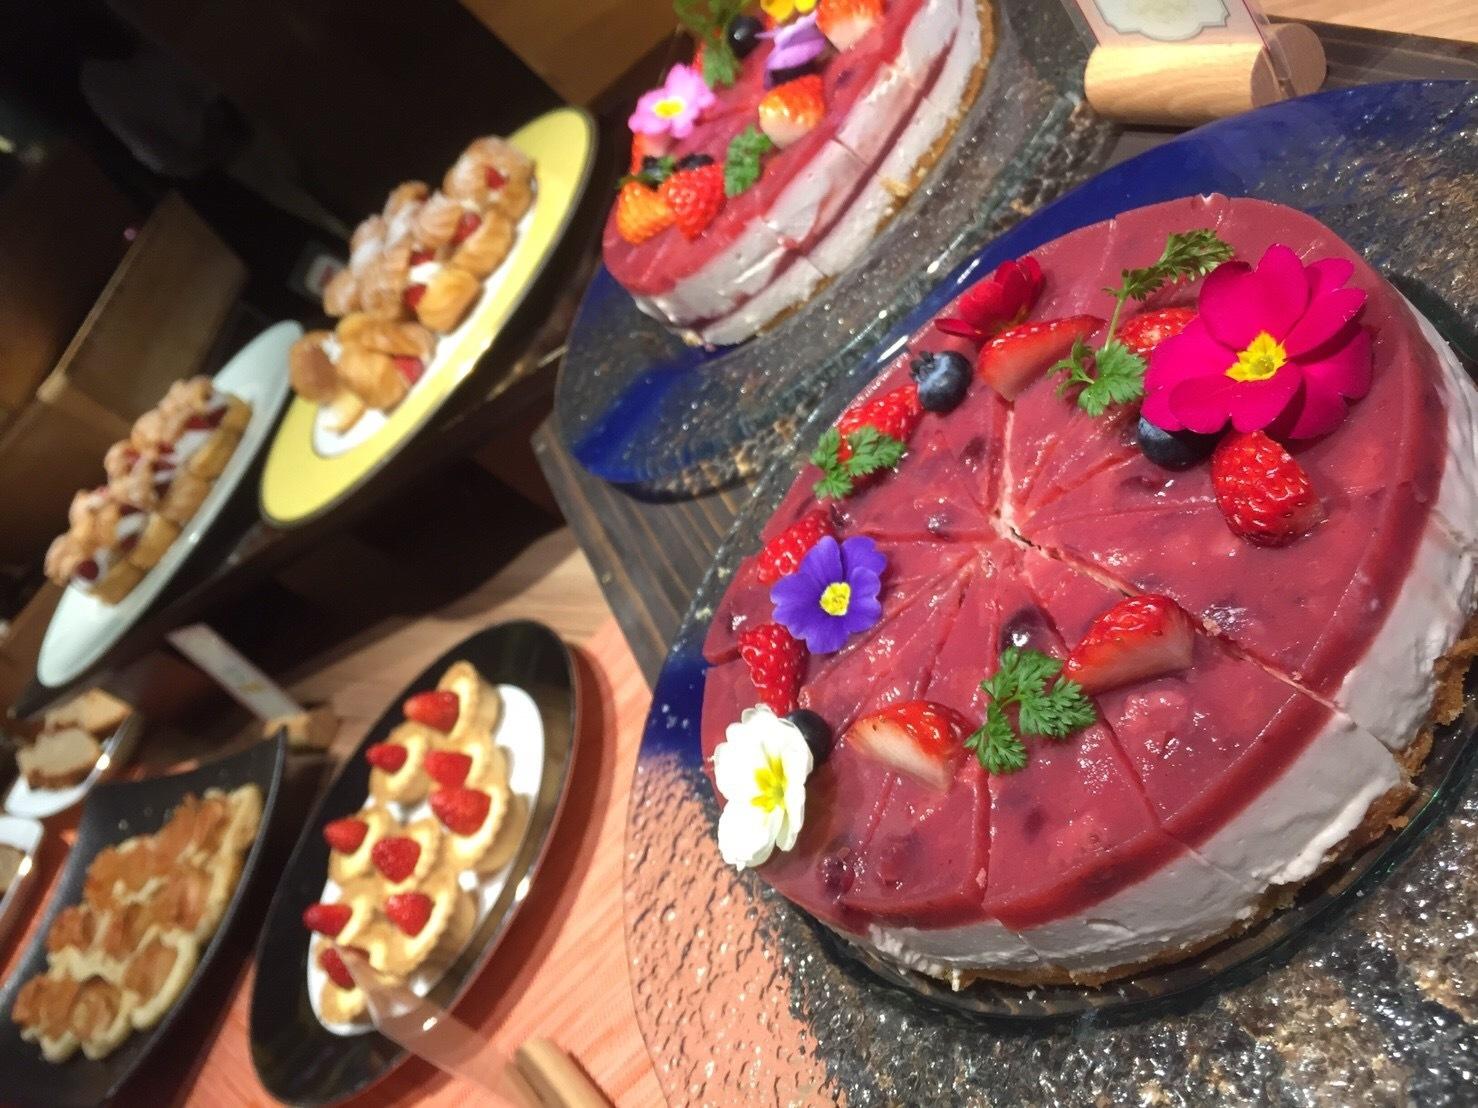 スイーツ好き必見!京都タワーホテル Berry sweets buffet ♡_1_3